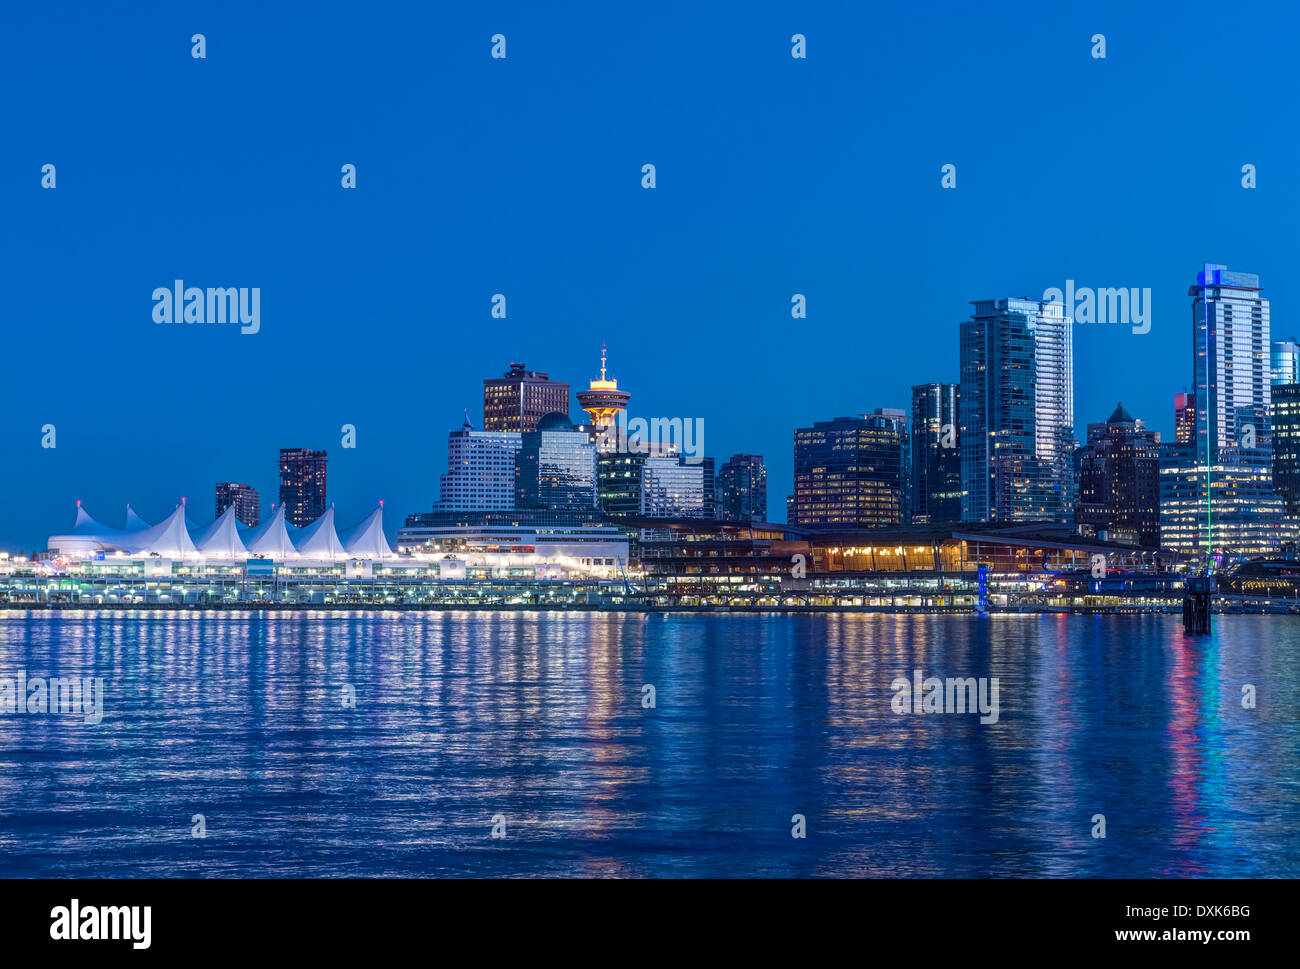 Waterfront skyline illuminata di notte, Vancouver, British Columbia, Canada, Immagini Stock